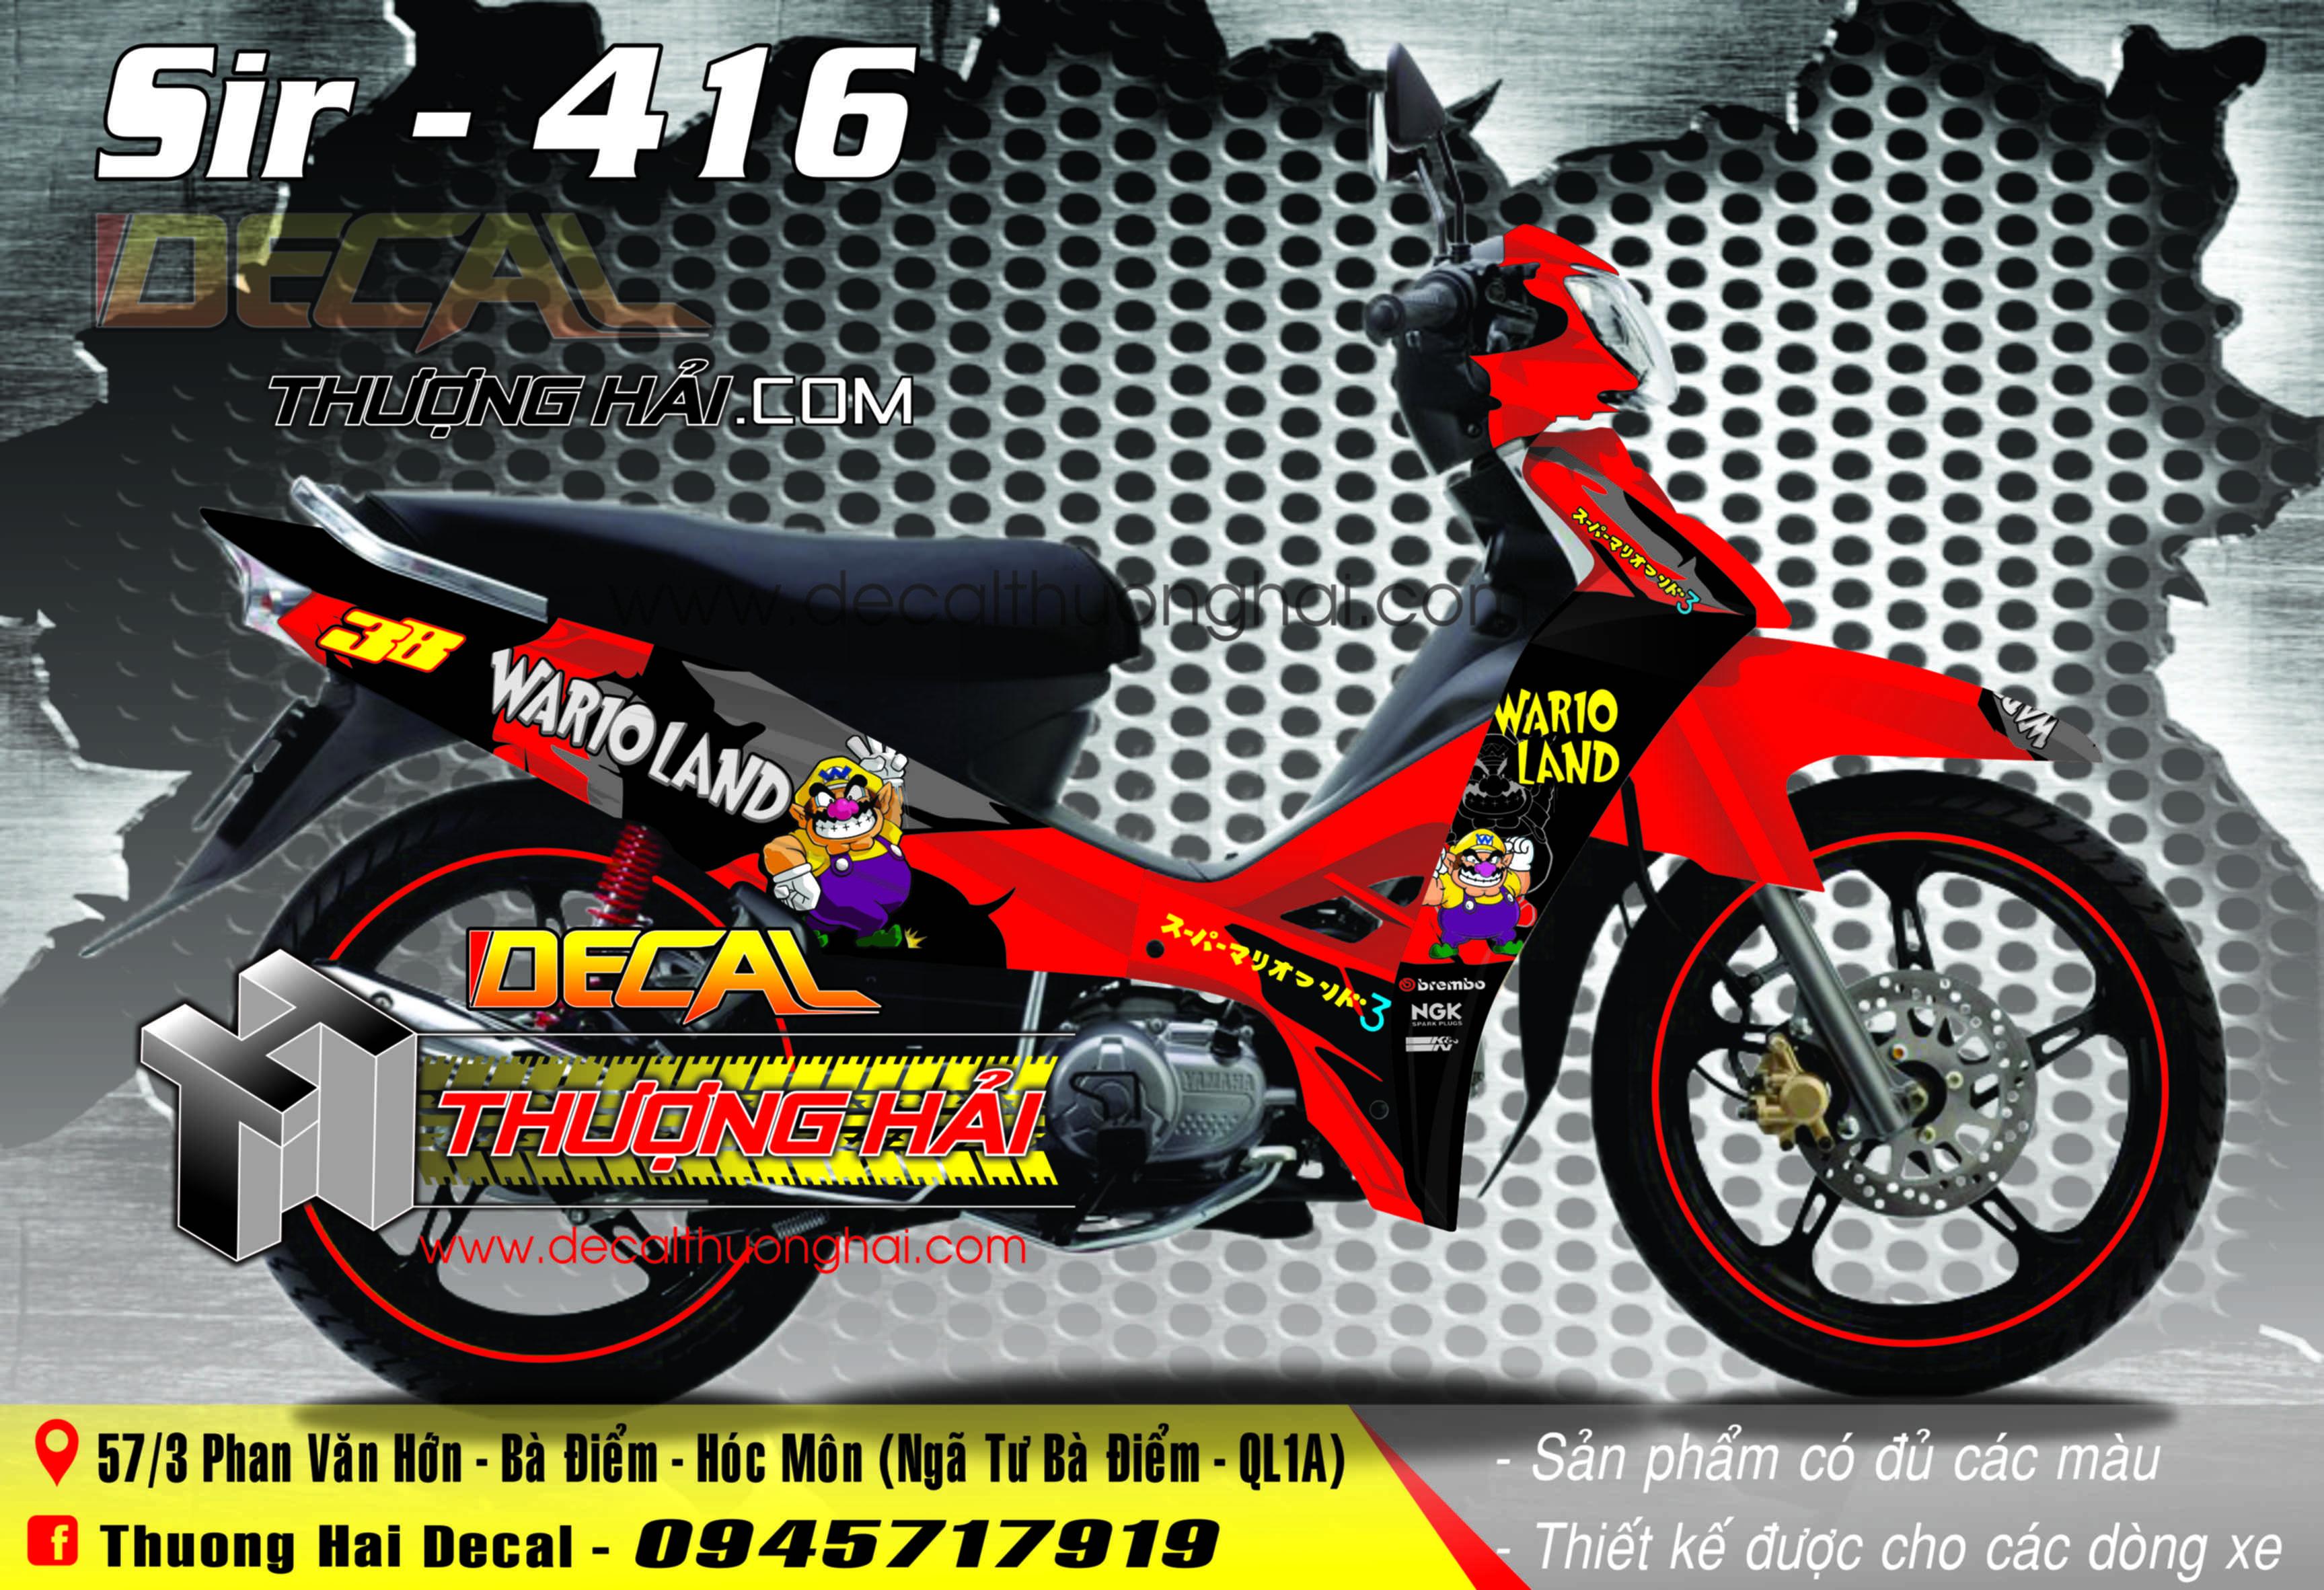 Tem Xe Yamaha Sirius Đỏ Đen - 416